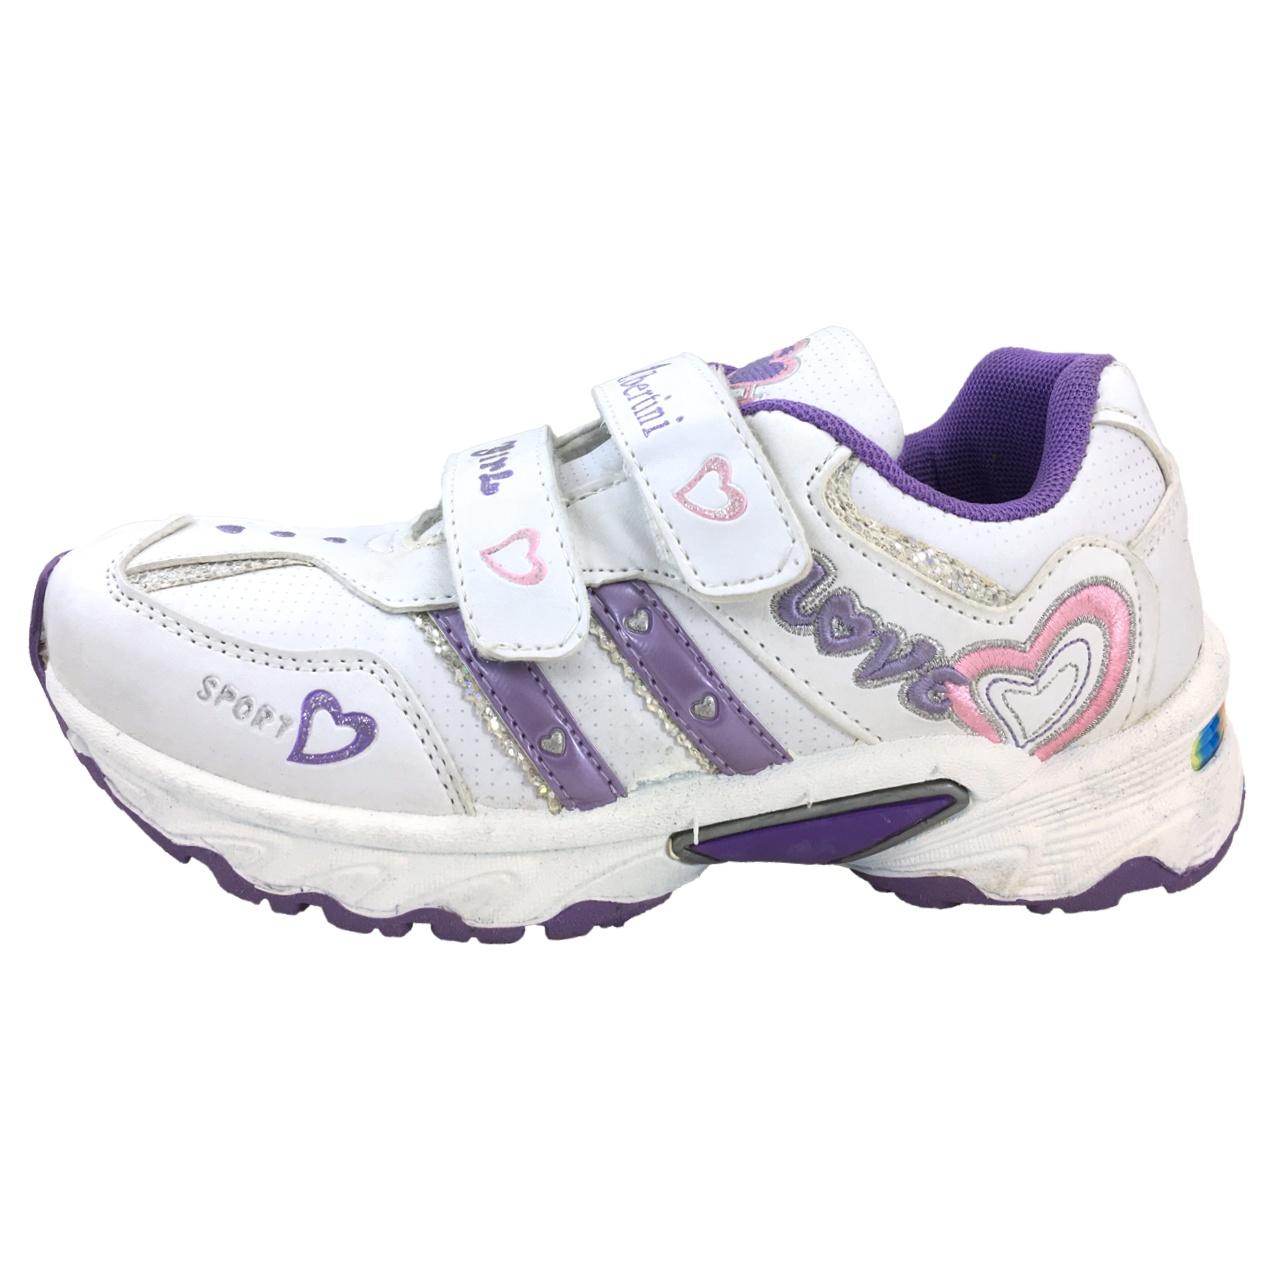 کفش بچگانه آلبرتینی کد 2749